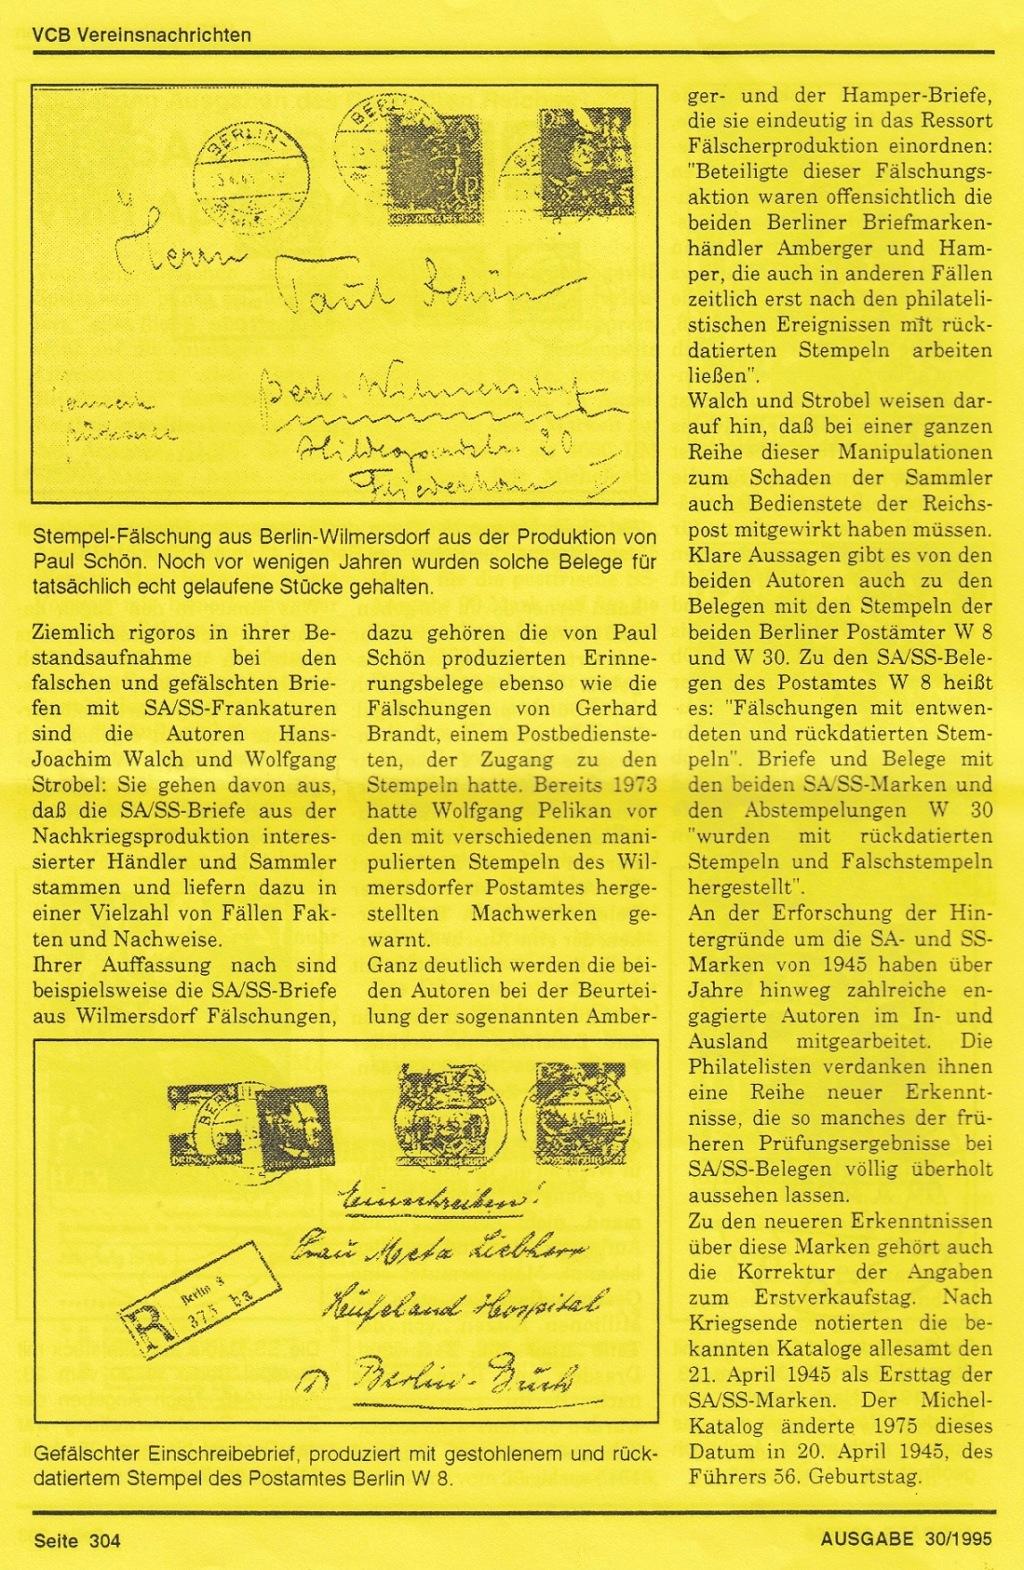 """1945 - Deutsches Reich von 1933 bis 1945 """"in einer ausgesuchten Perspektive"""" - Seite 2 Drd10"""